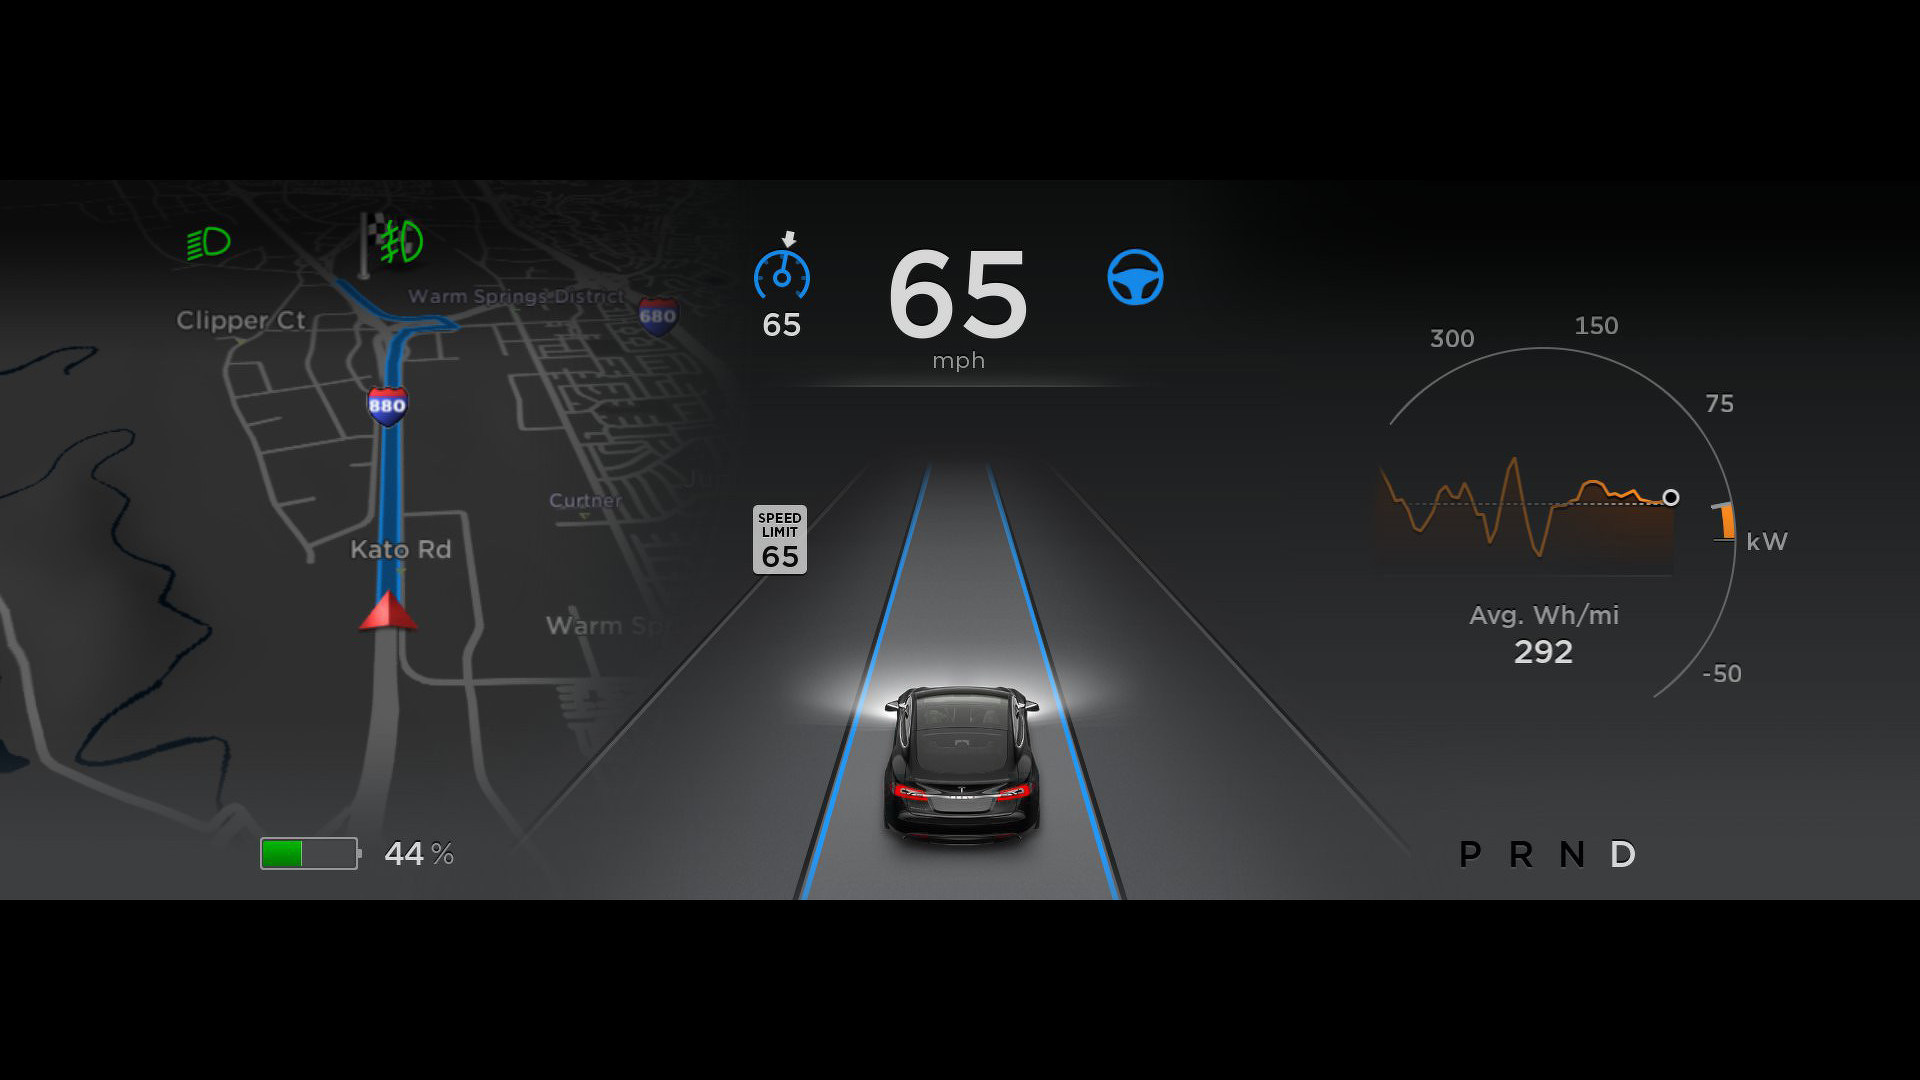 Second Tesla Model S driver blames Autopilot failure for crash